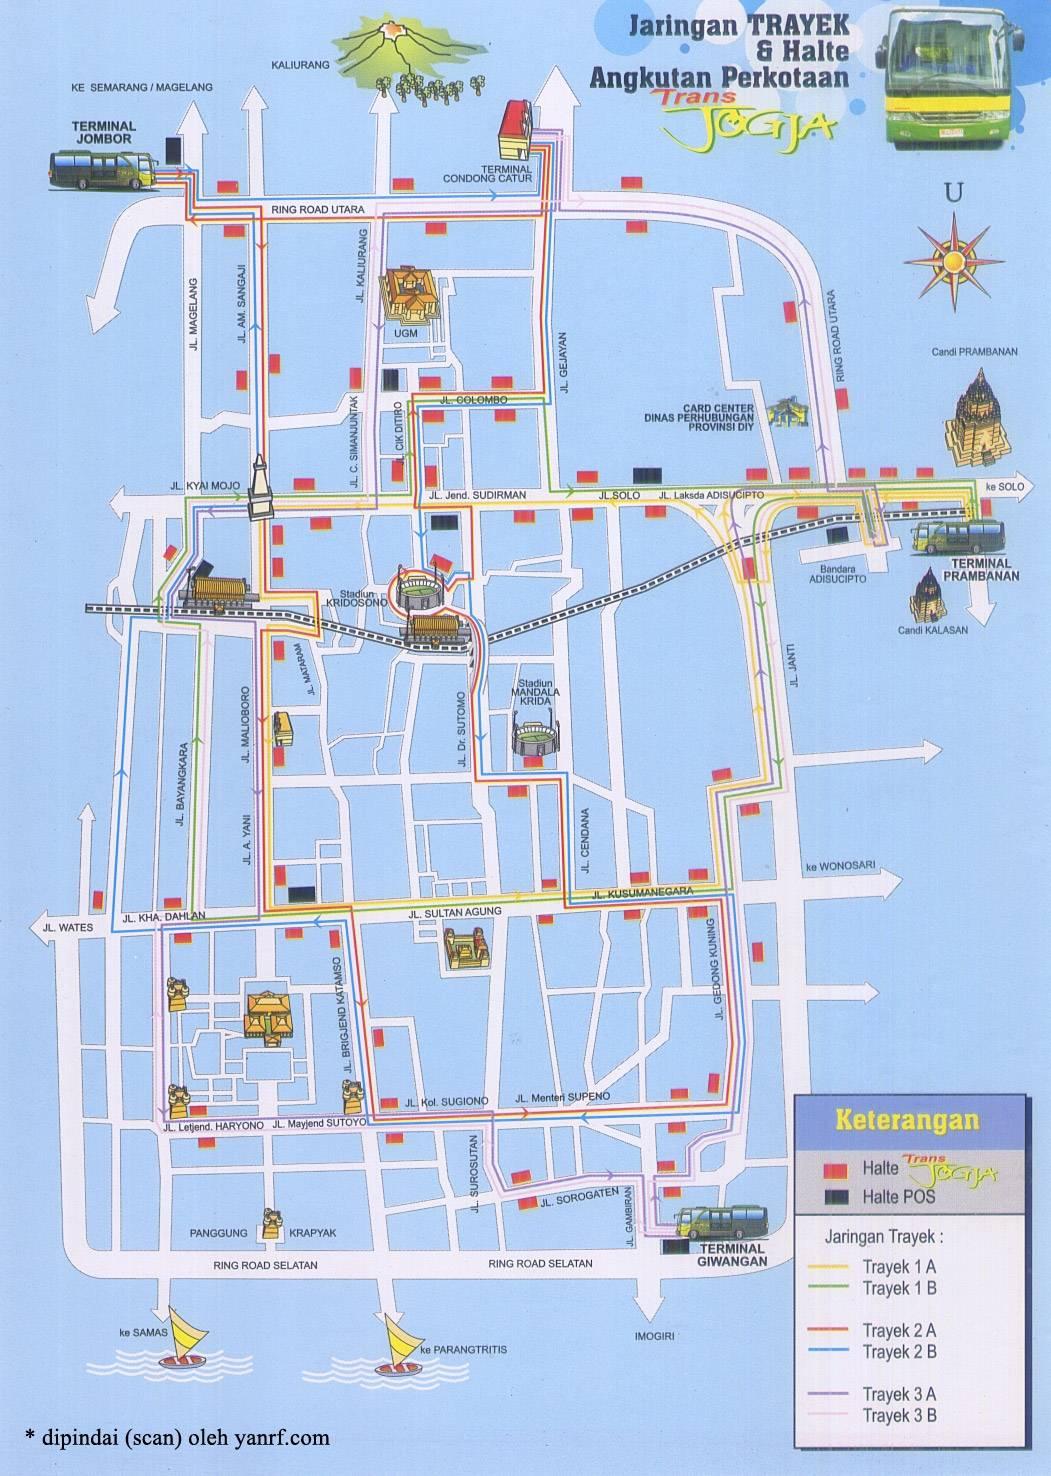 Peta Rute trayek bis Trans Jogja | peta yogyakarta - panduan jalan-jalan ke jogja